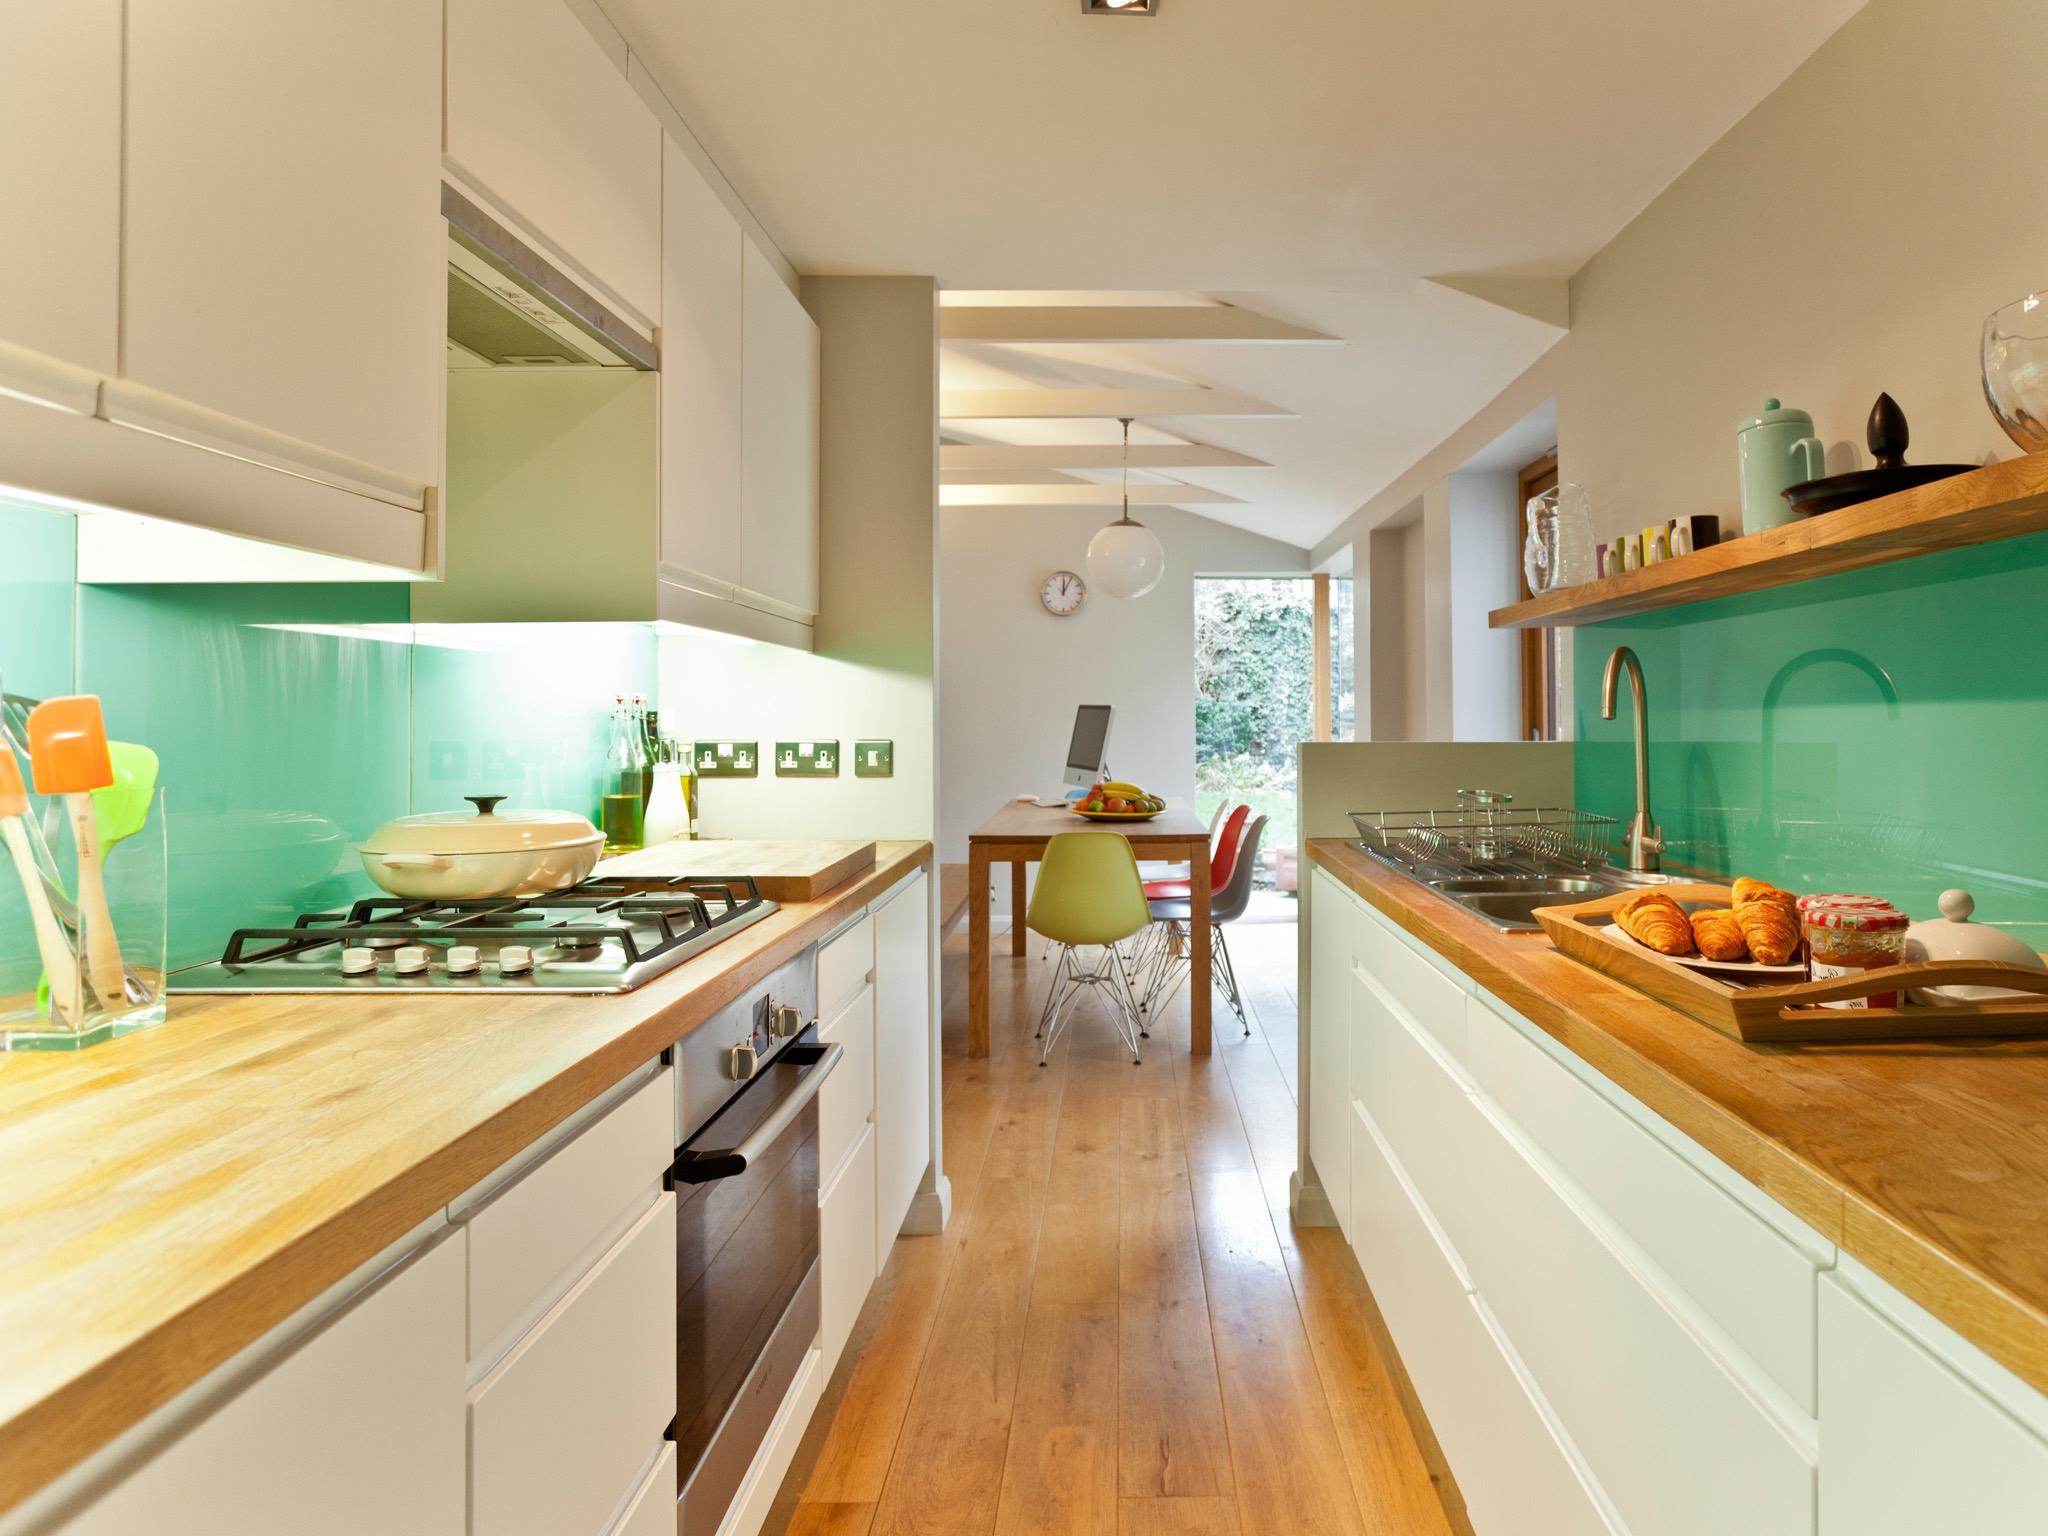 Kitchen Ideas Narrow Space